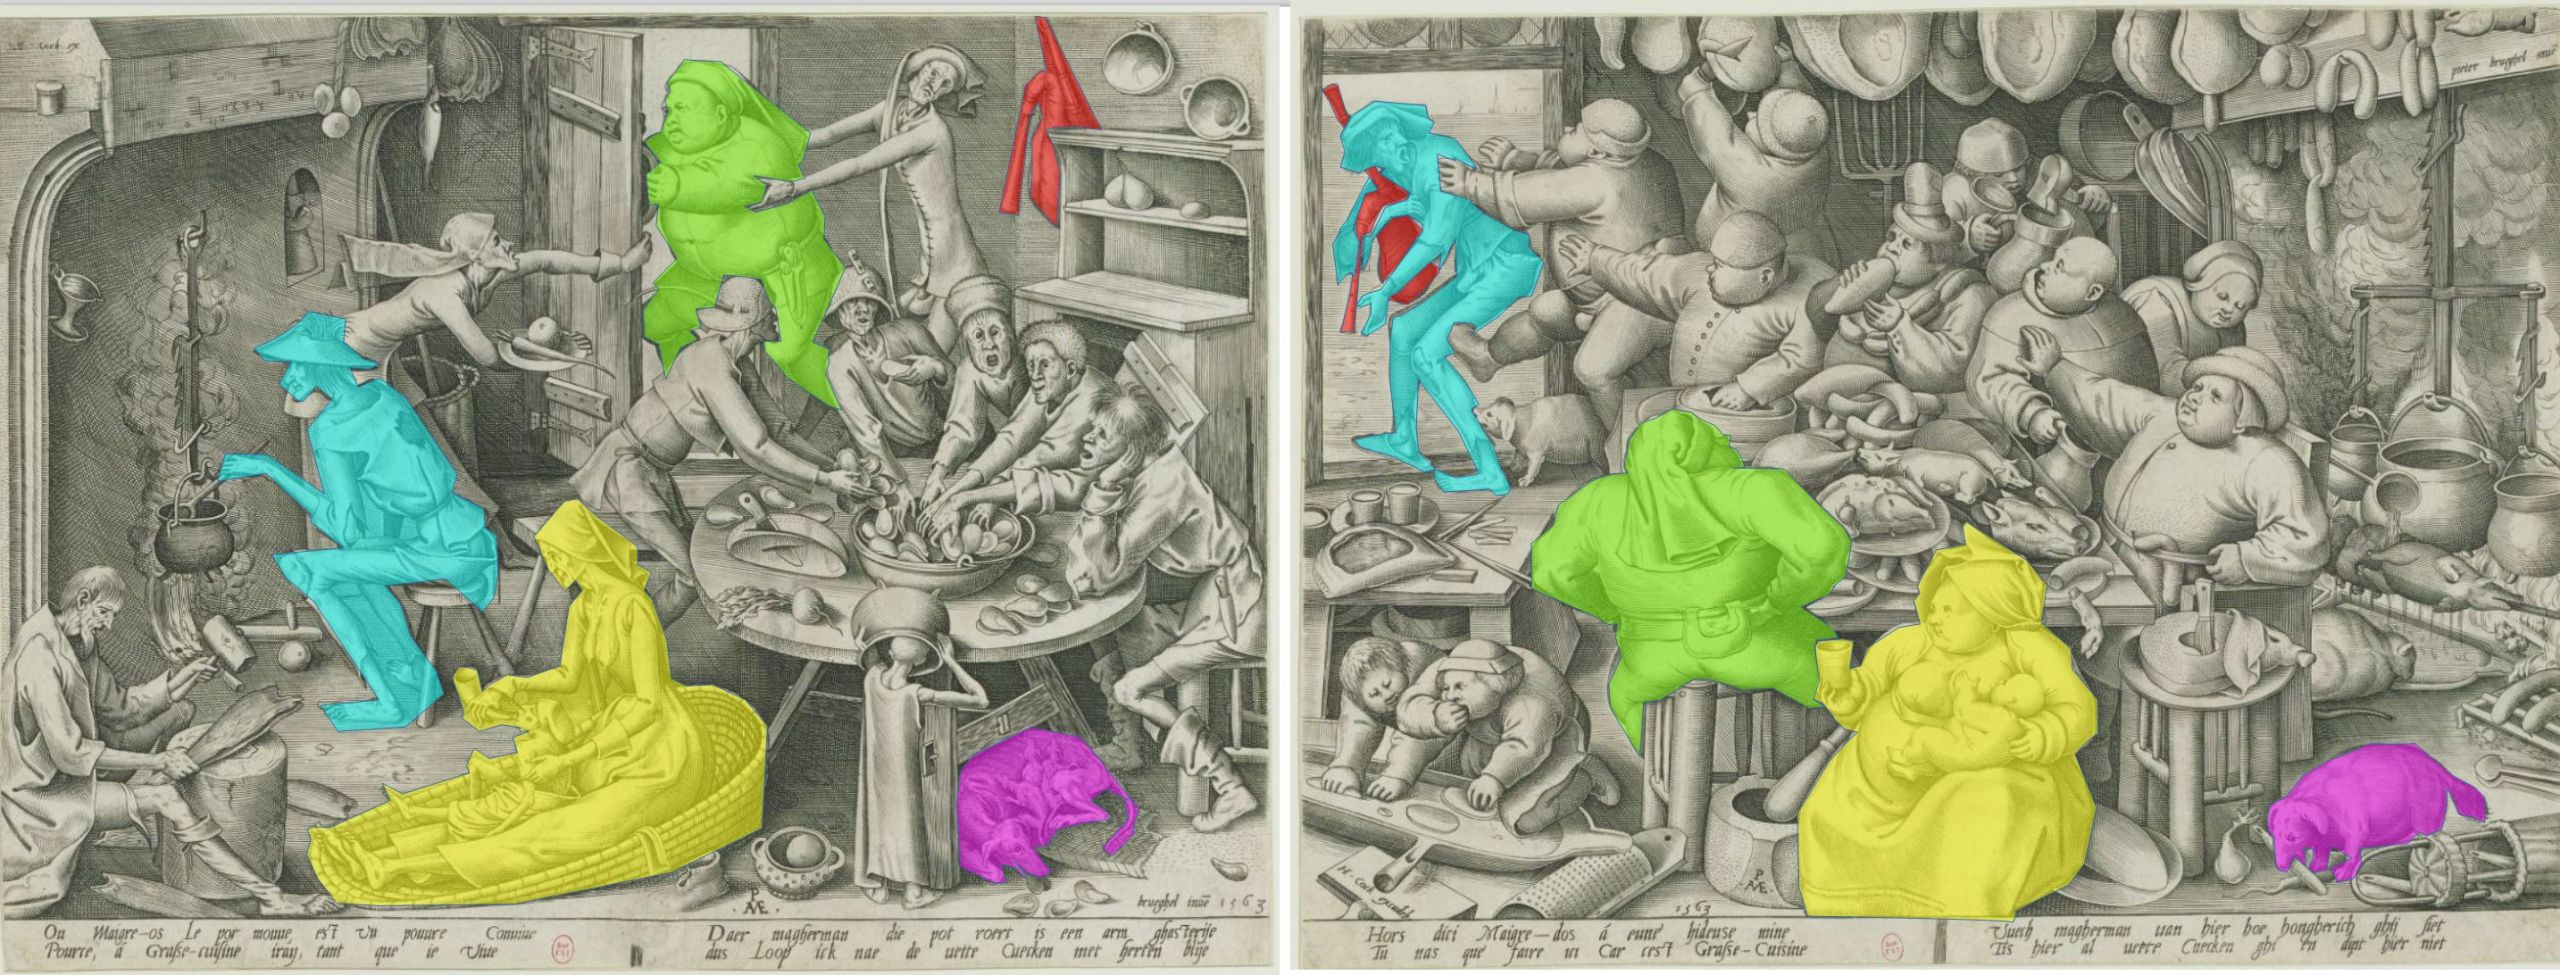 Brueghel cuisine maigre grasse schema